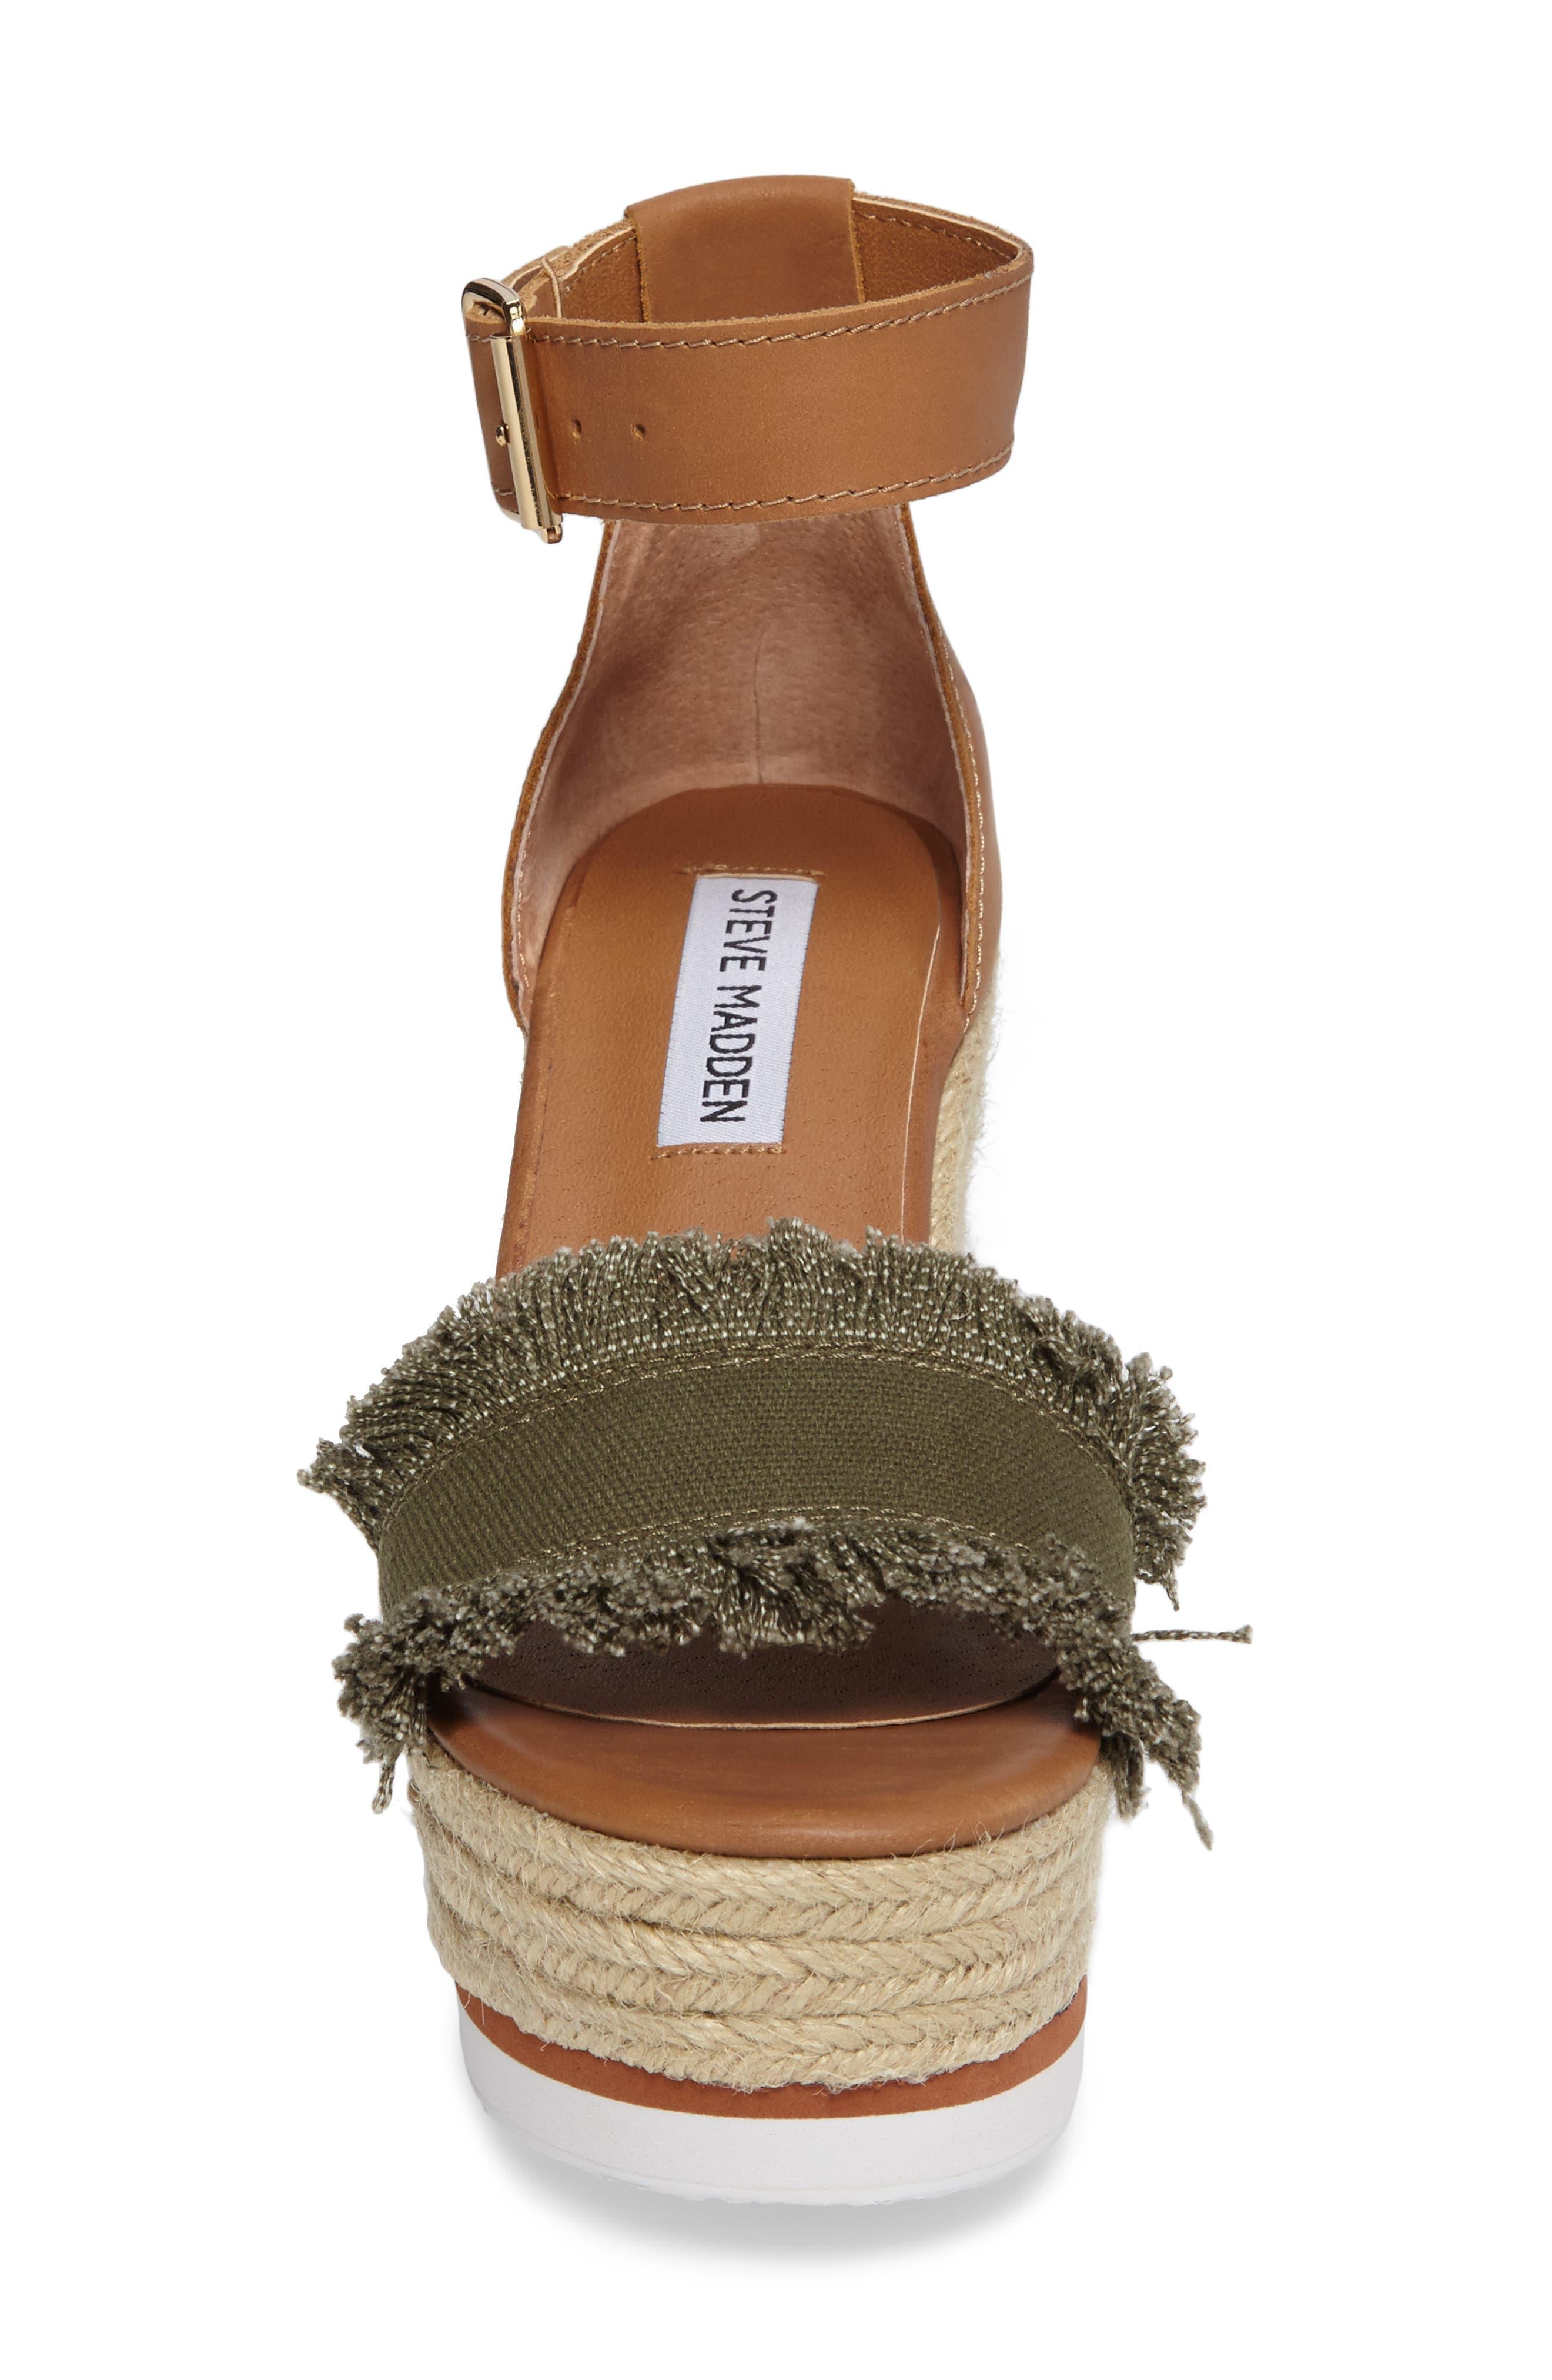 Valley Fringed Platform Wedge Sandal,                             Alternate thumbnail 4, color,                             Olive Fab